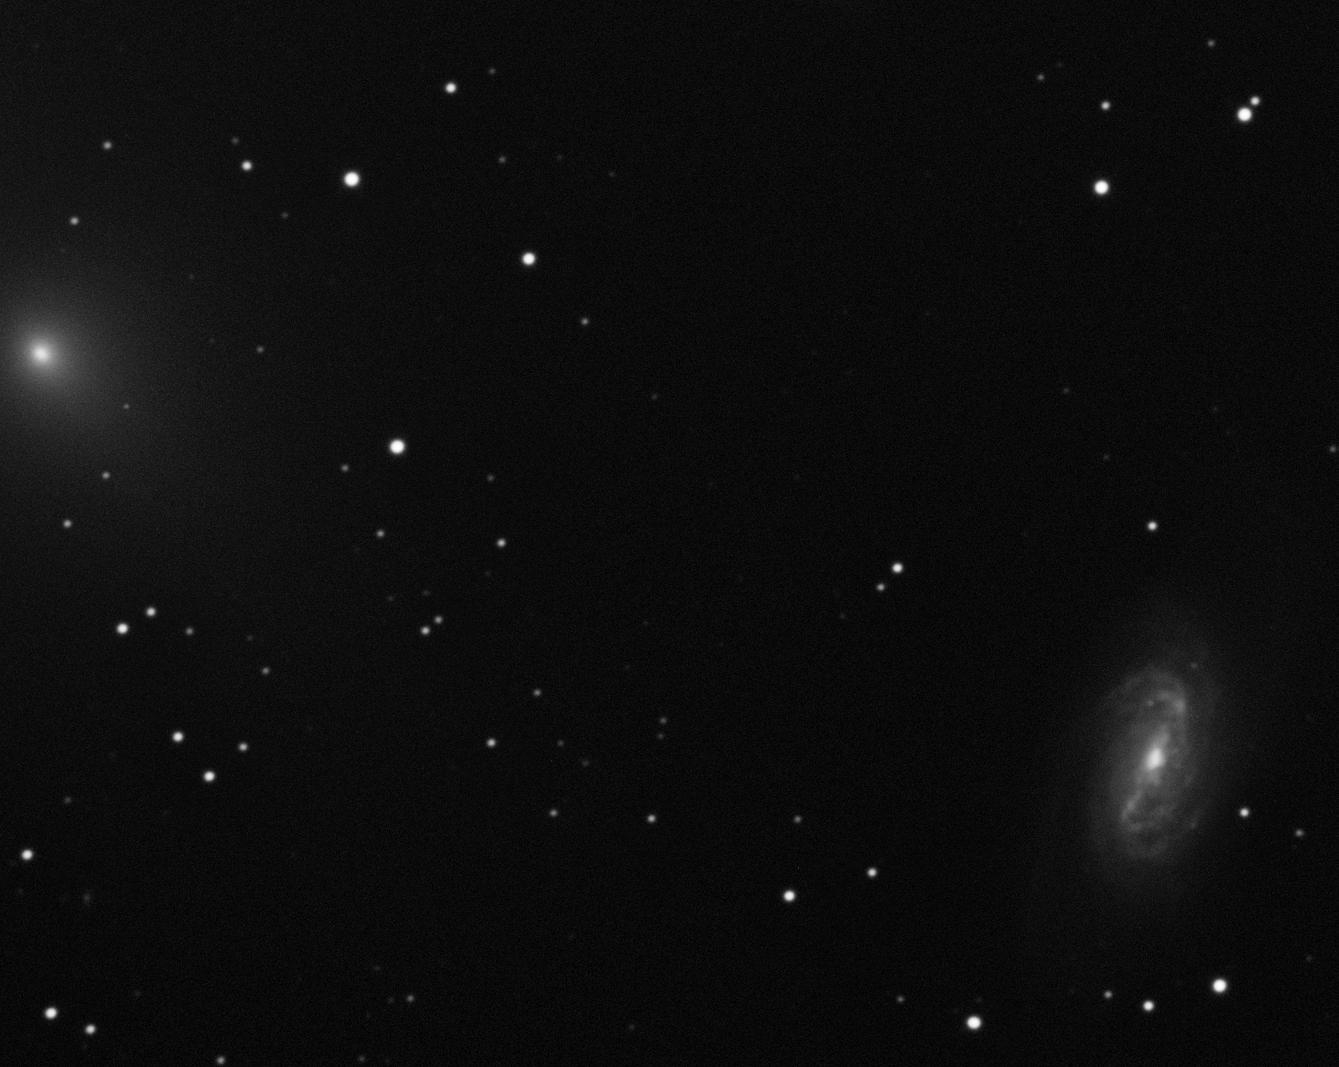 Comet C/2018 Y1 (Iwamoto)